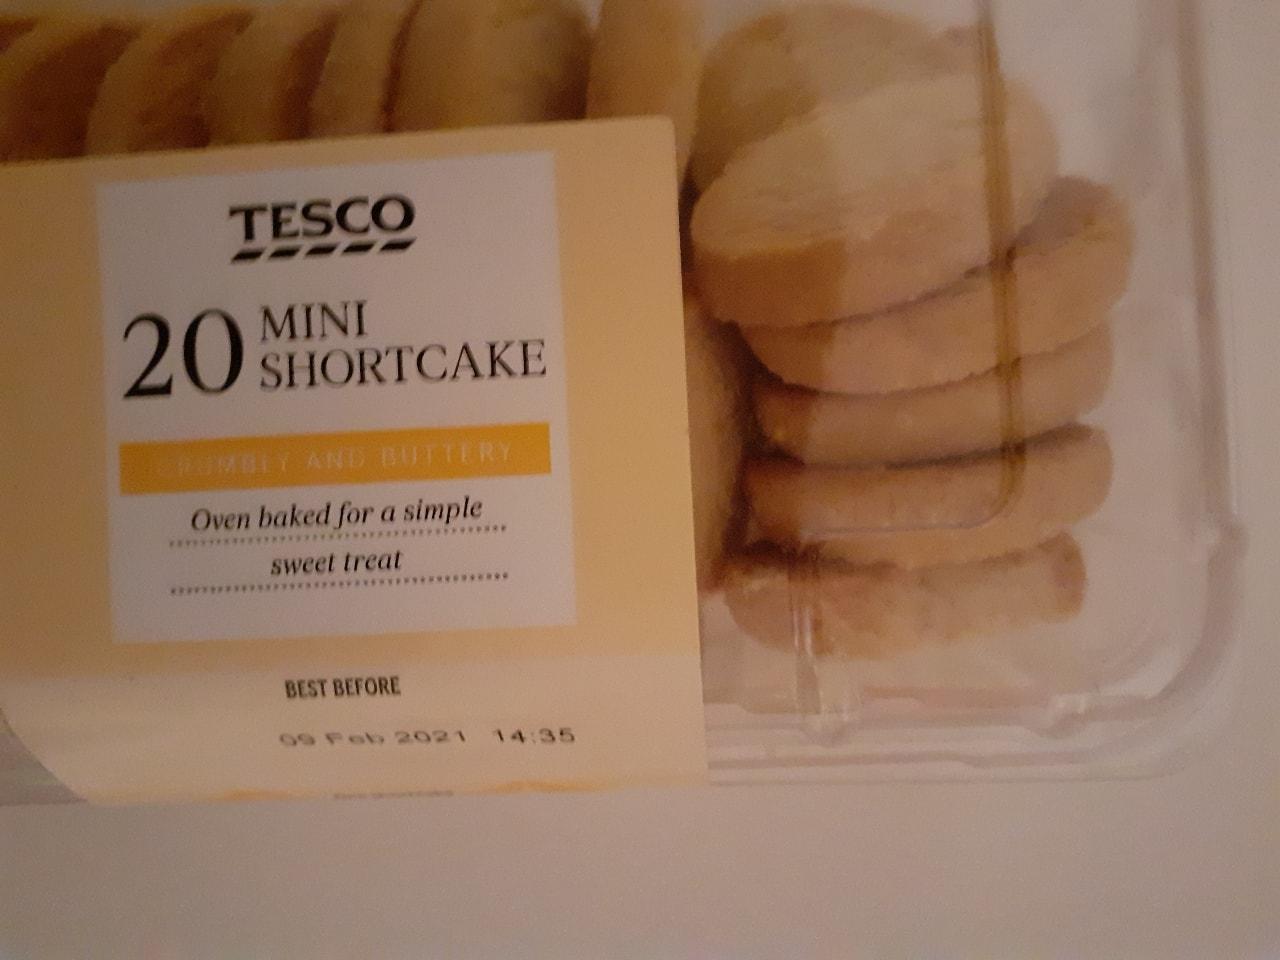 20 mini shortcake